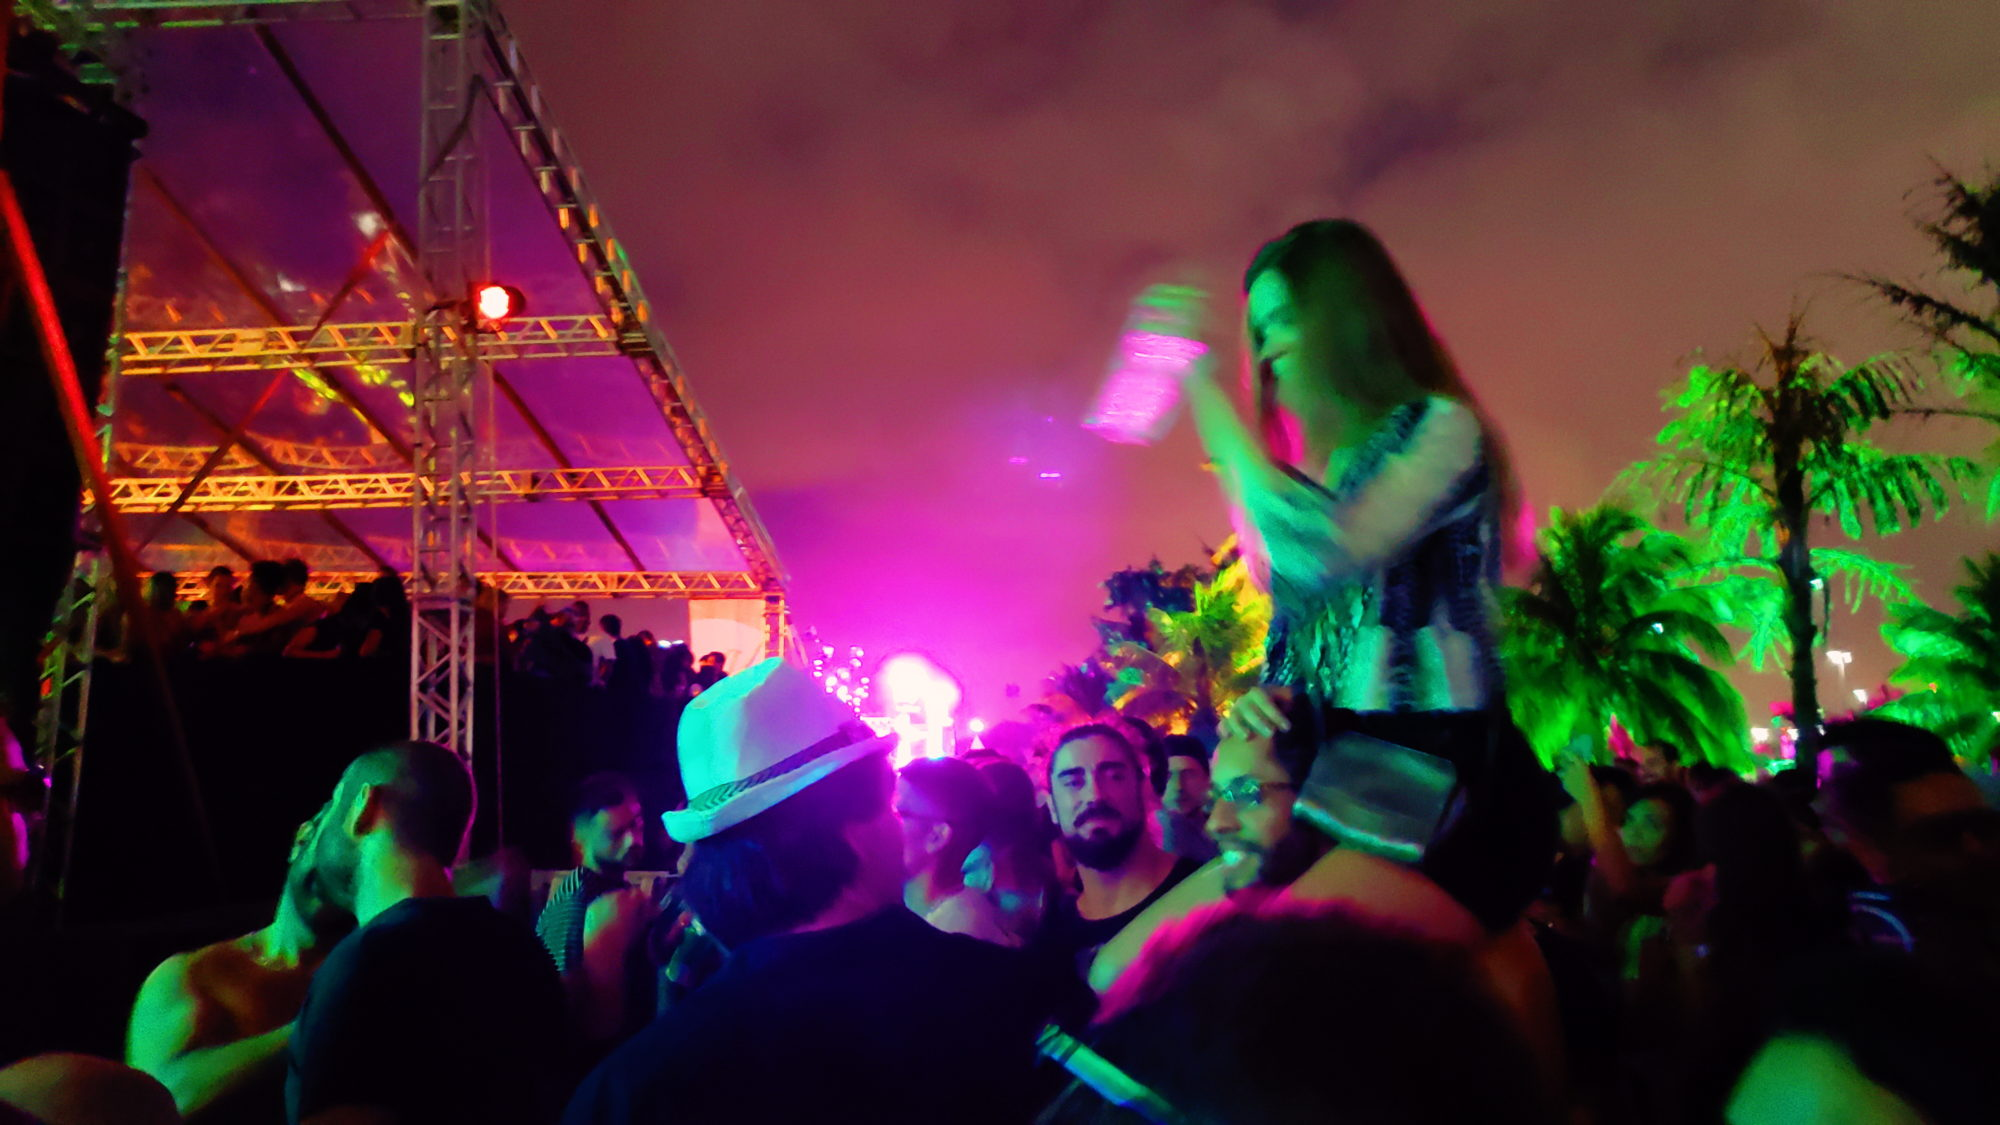 Review: A harmoniosa união de tribos no necessário Bunker Festival